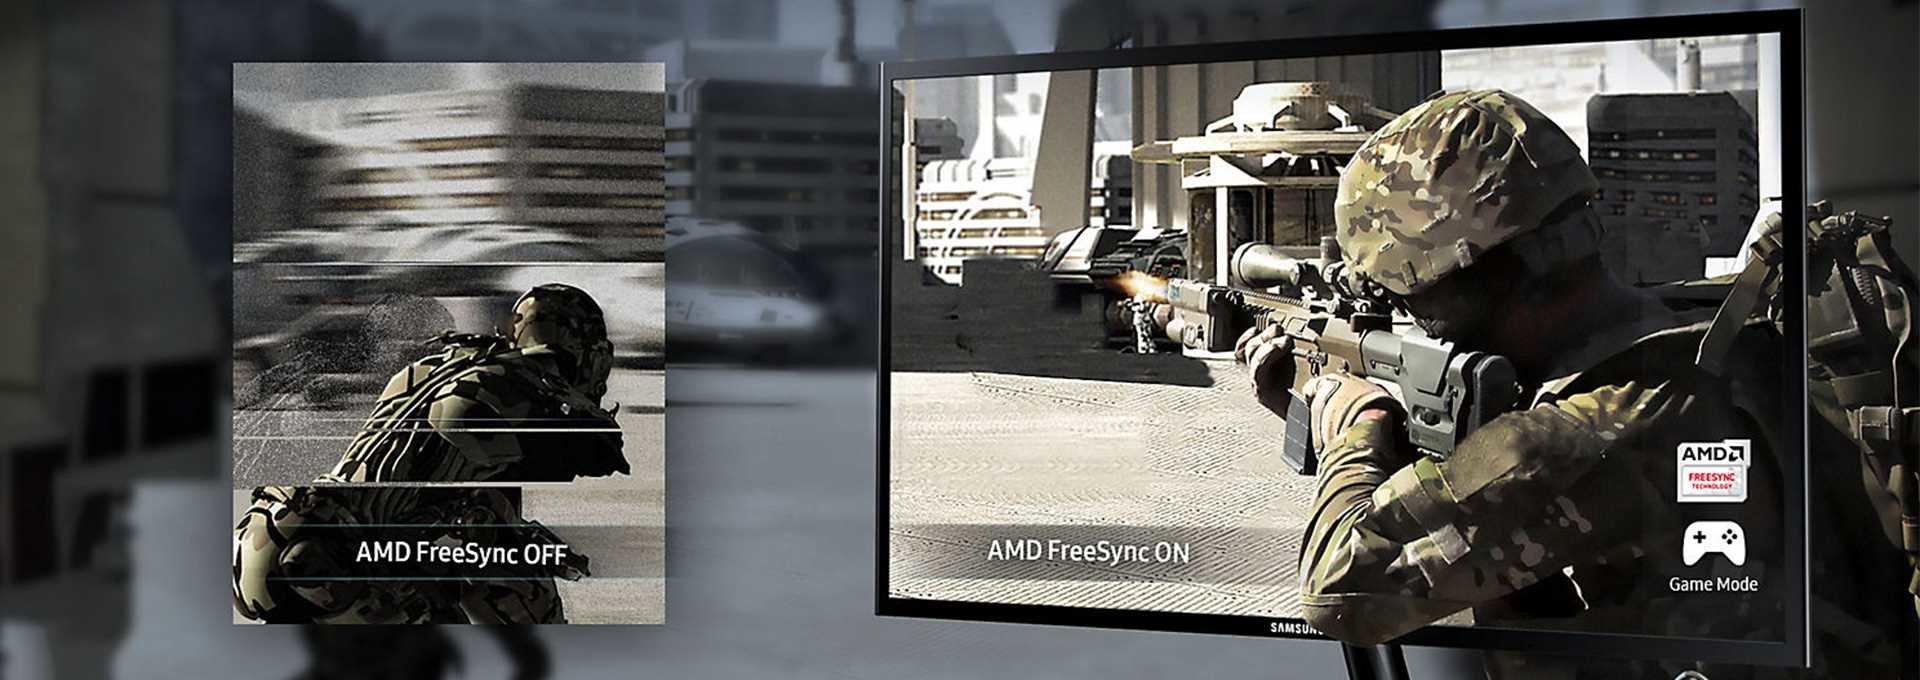 Samsung Новый качественный геймплей с Amd Freesync